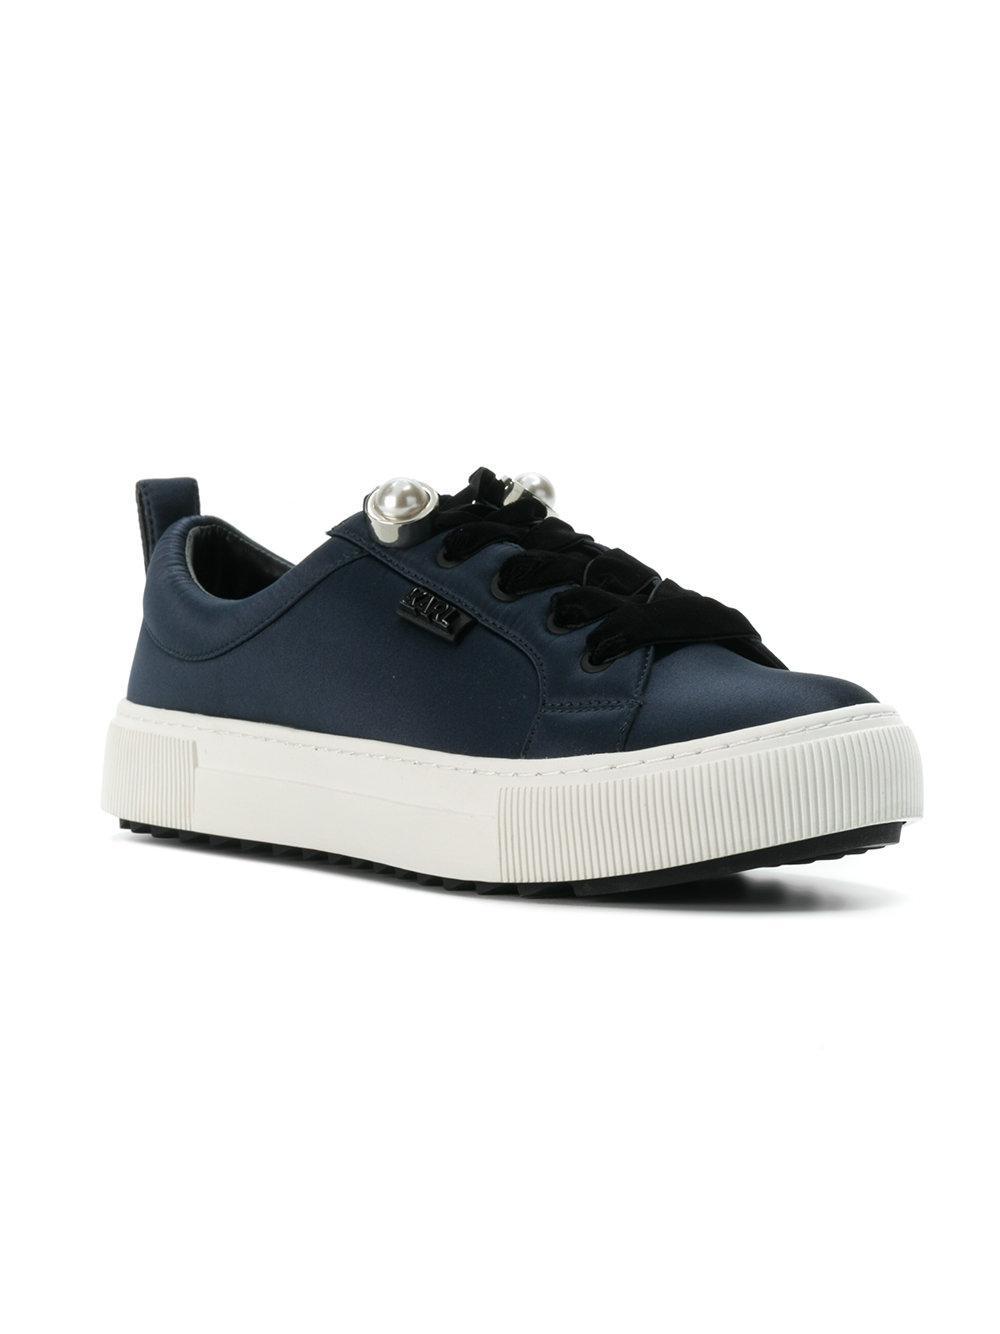 pearl detail sneakers - Blue Karl Lagerfeld rpRpAi9